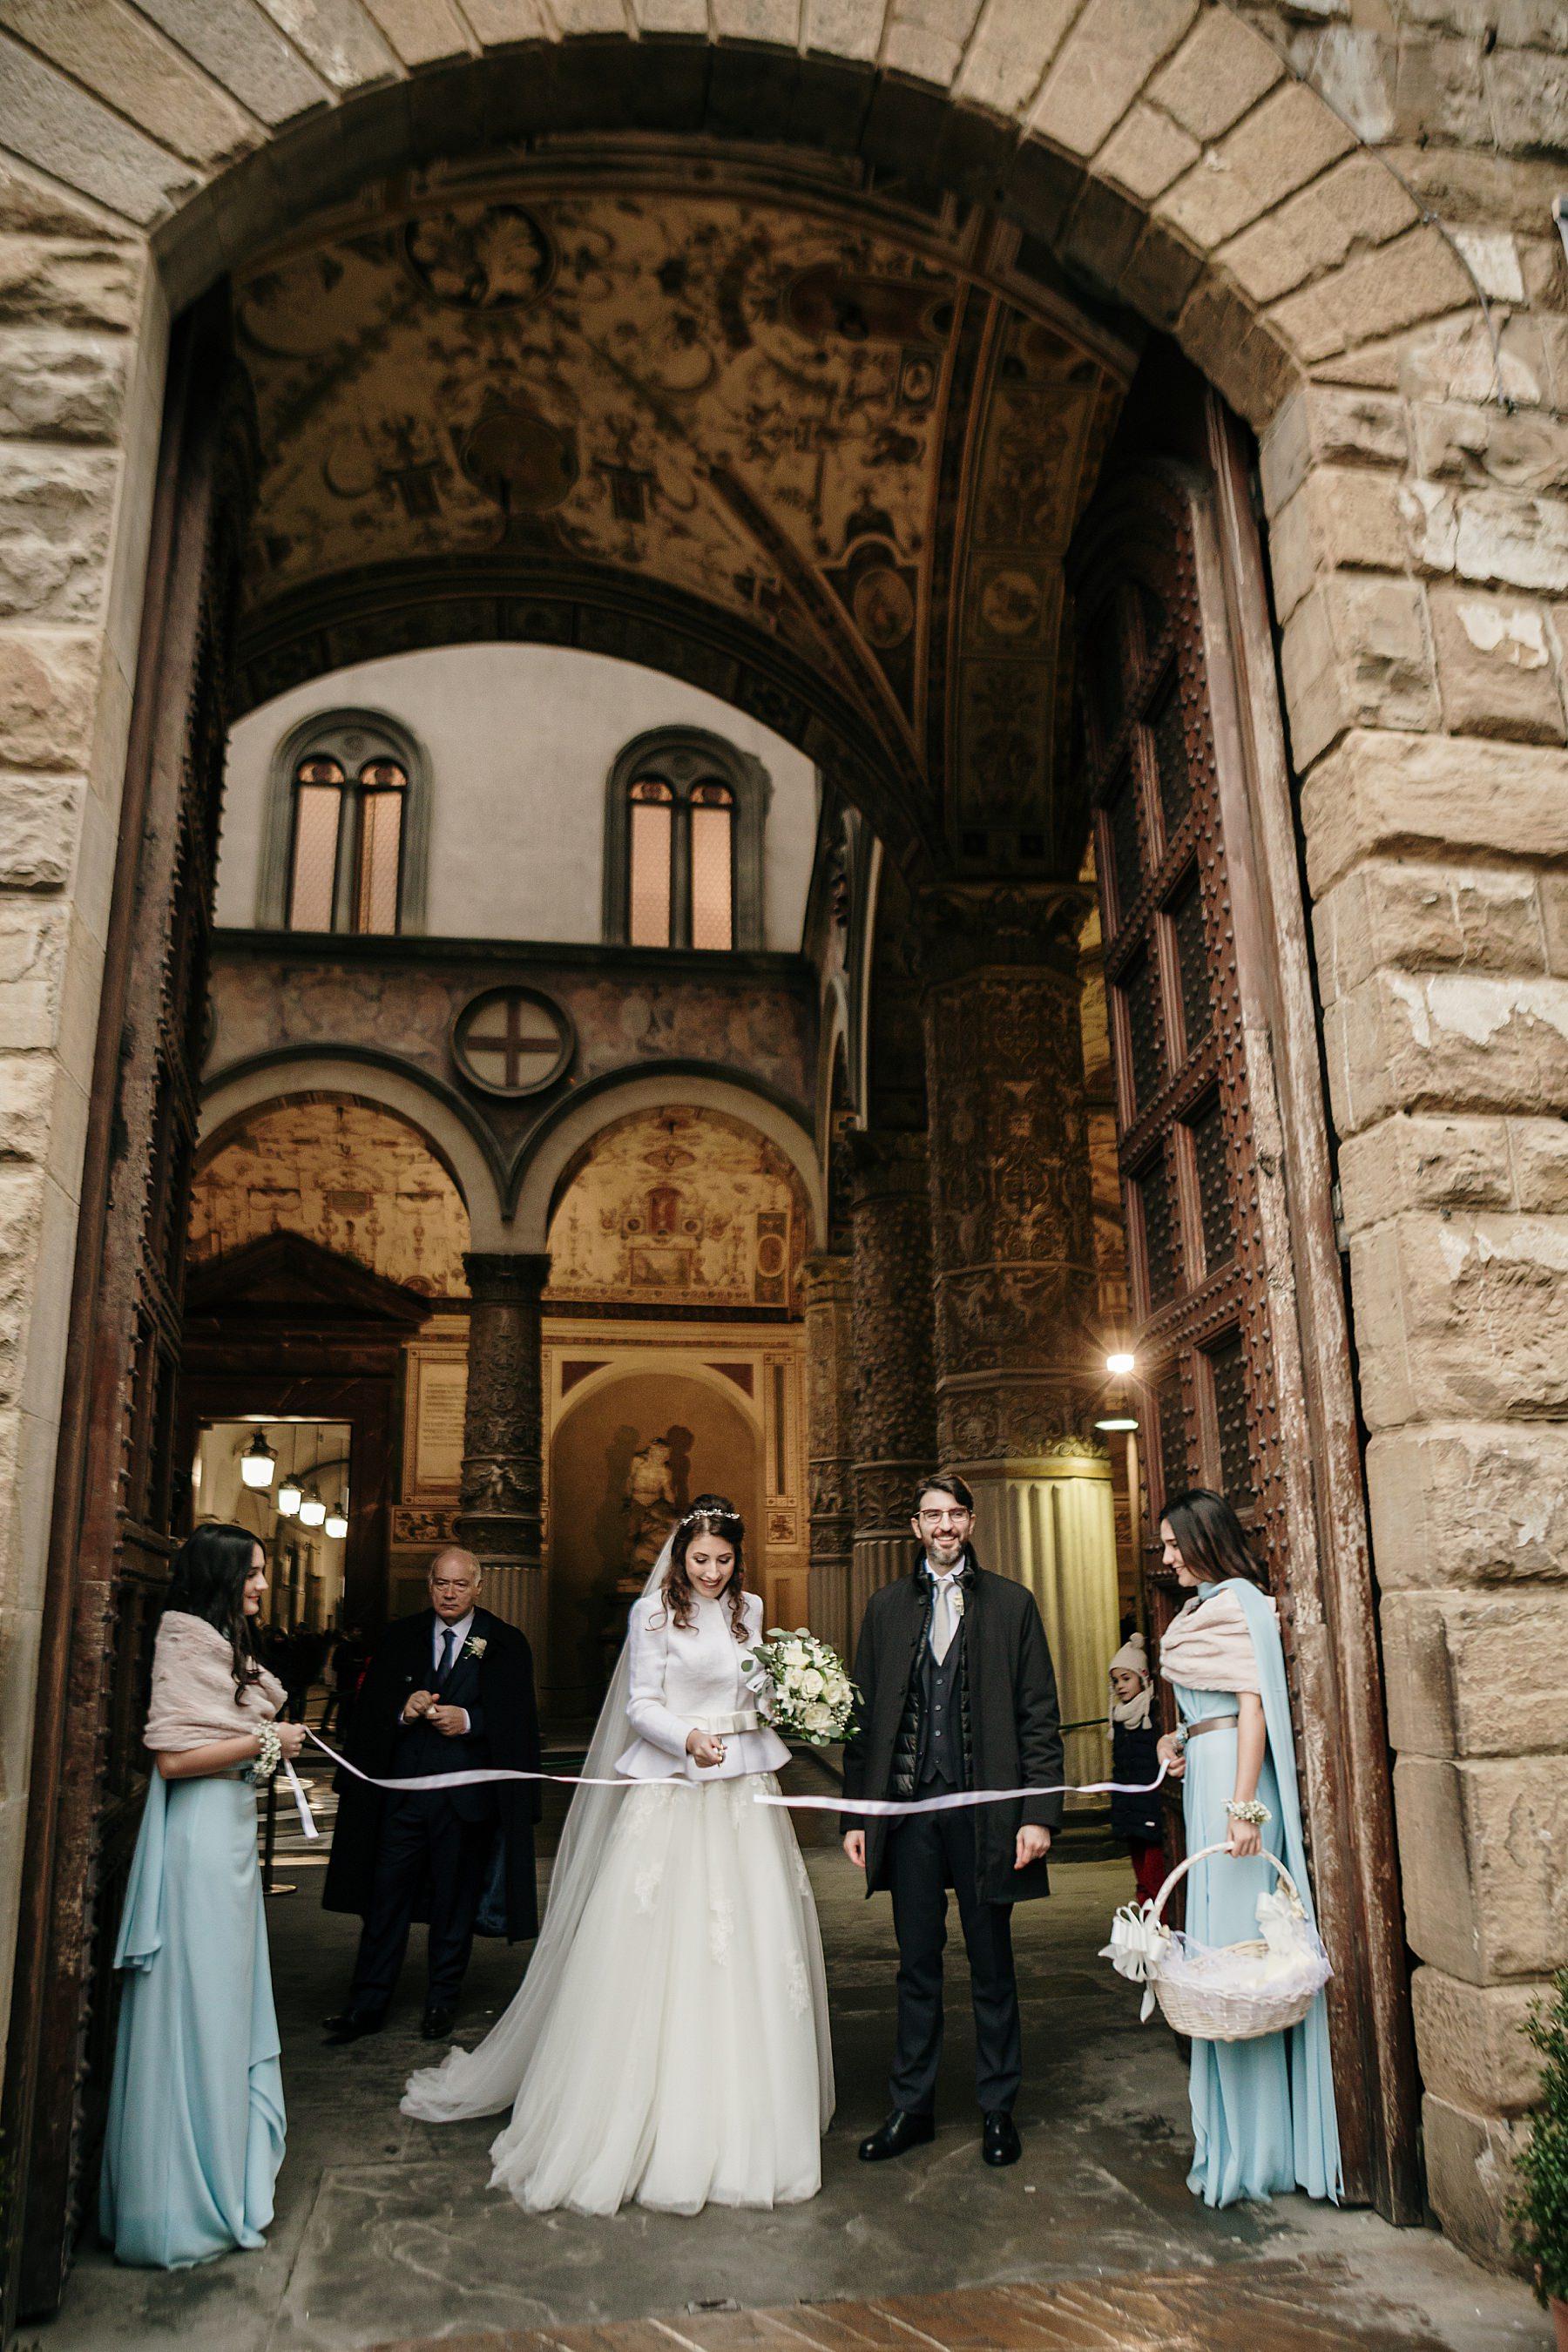 fotografia di matrimonio a firenze in inverno 756